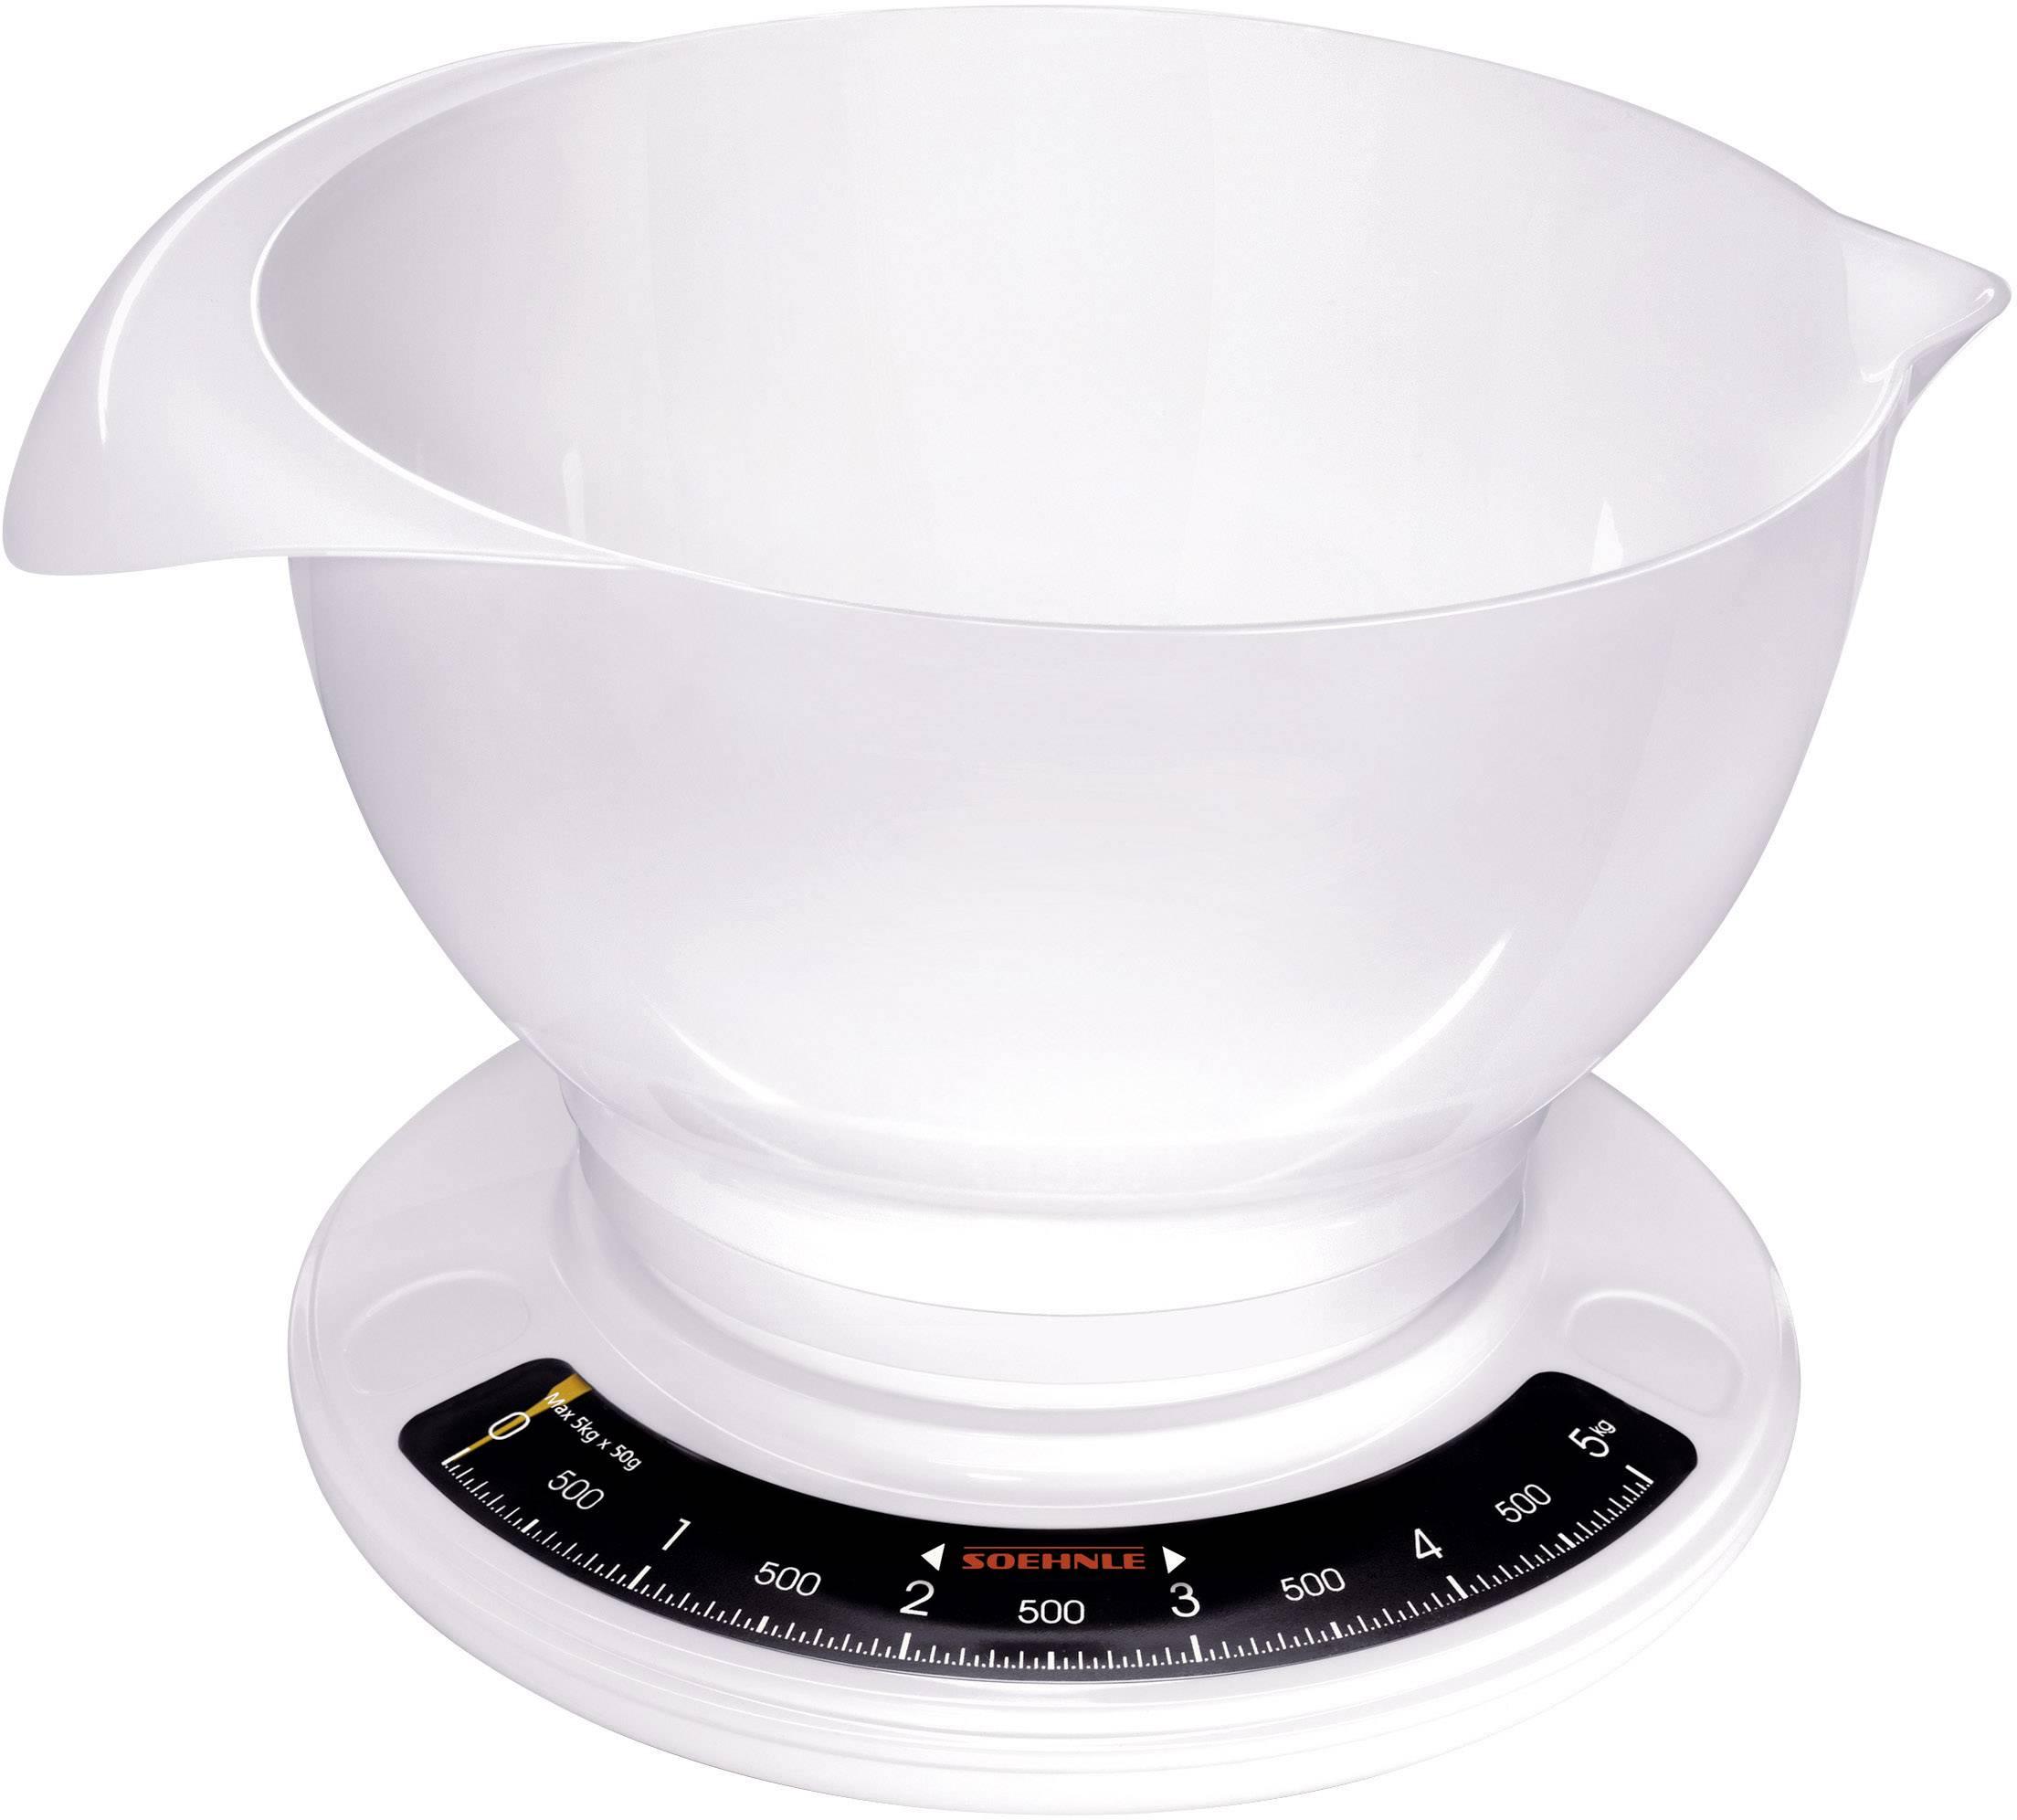 Analogová, s odměrnou mísou kuchyňská váha Soehnle Culina Pro, bílá